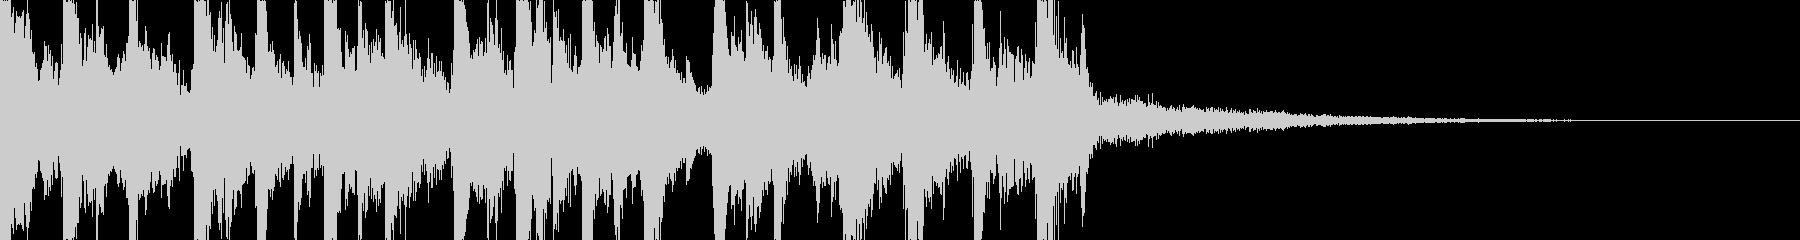 疾走感のある生三味線とドラムのジングルの未再生の波形